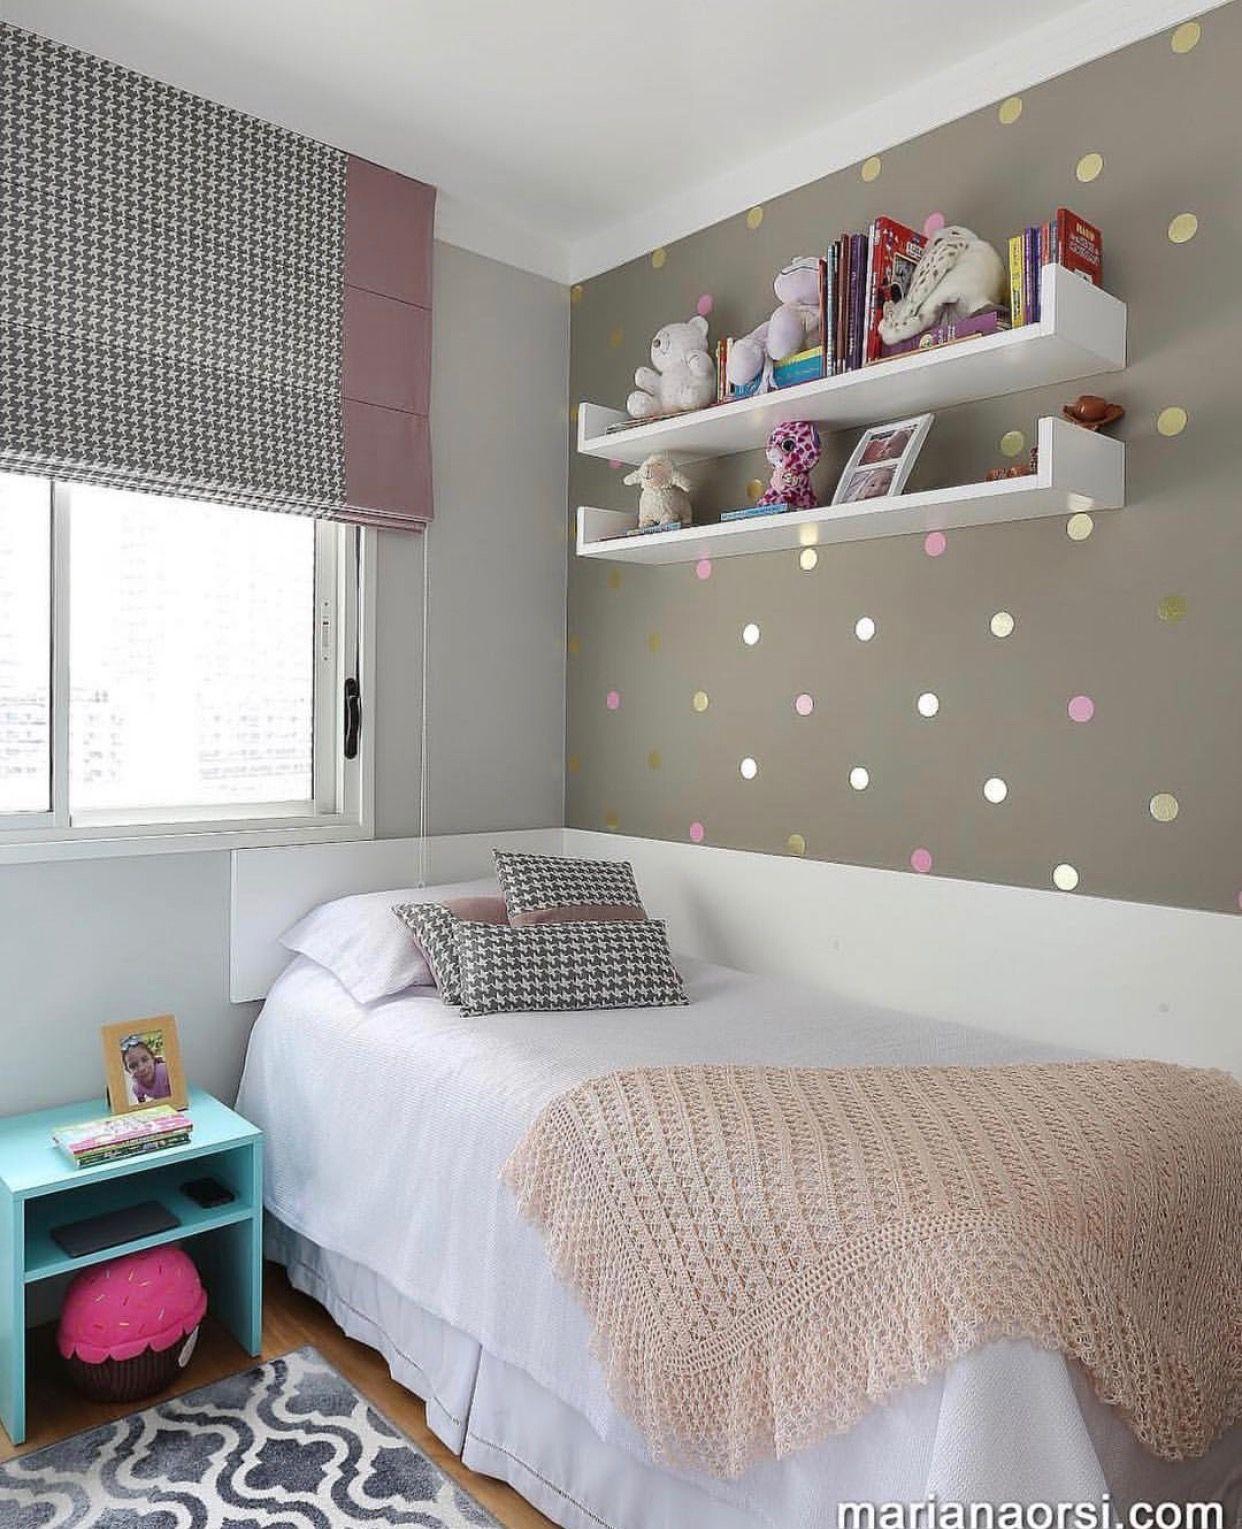 Habitaciones De Ensueño Dormitorios Decoracion De: Pin De Elena G.Flores🌺 En Decoraciones De Habitación